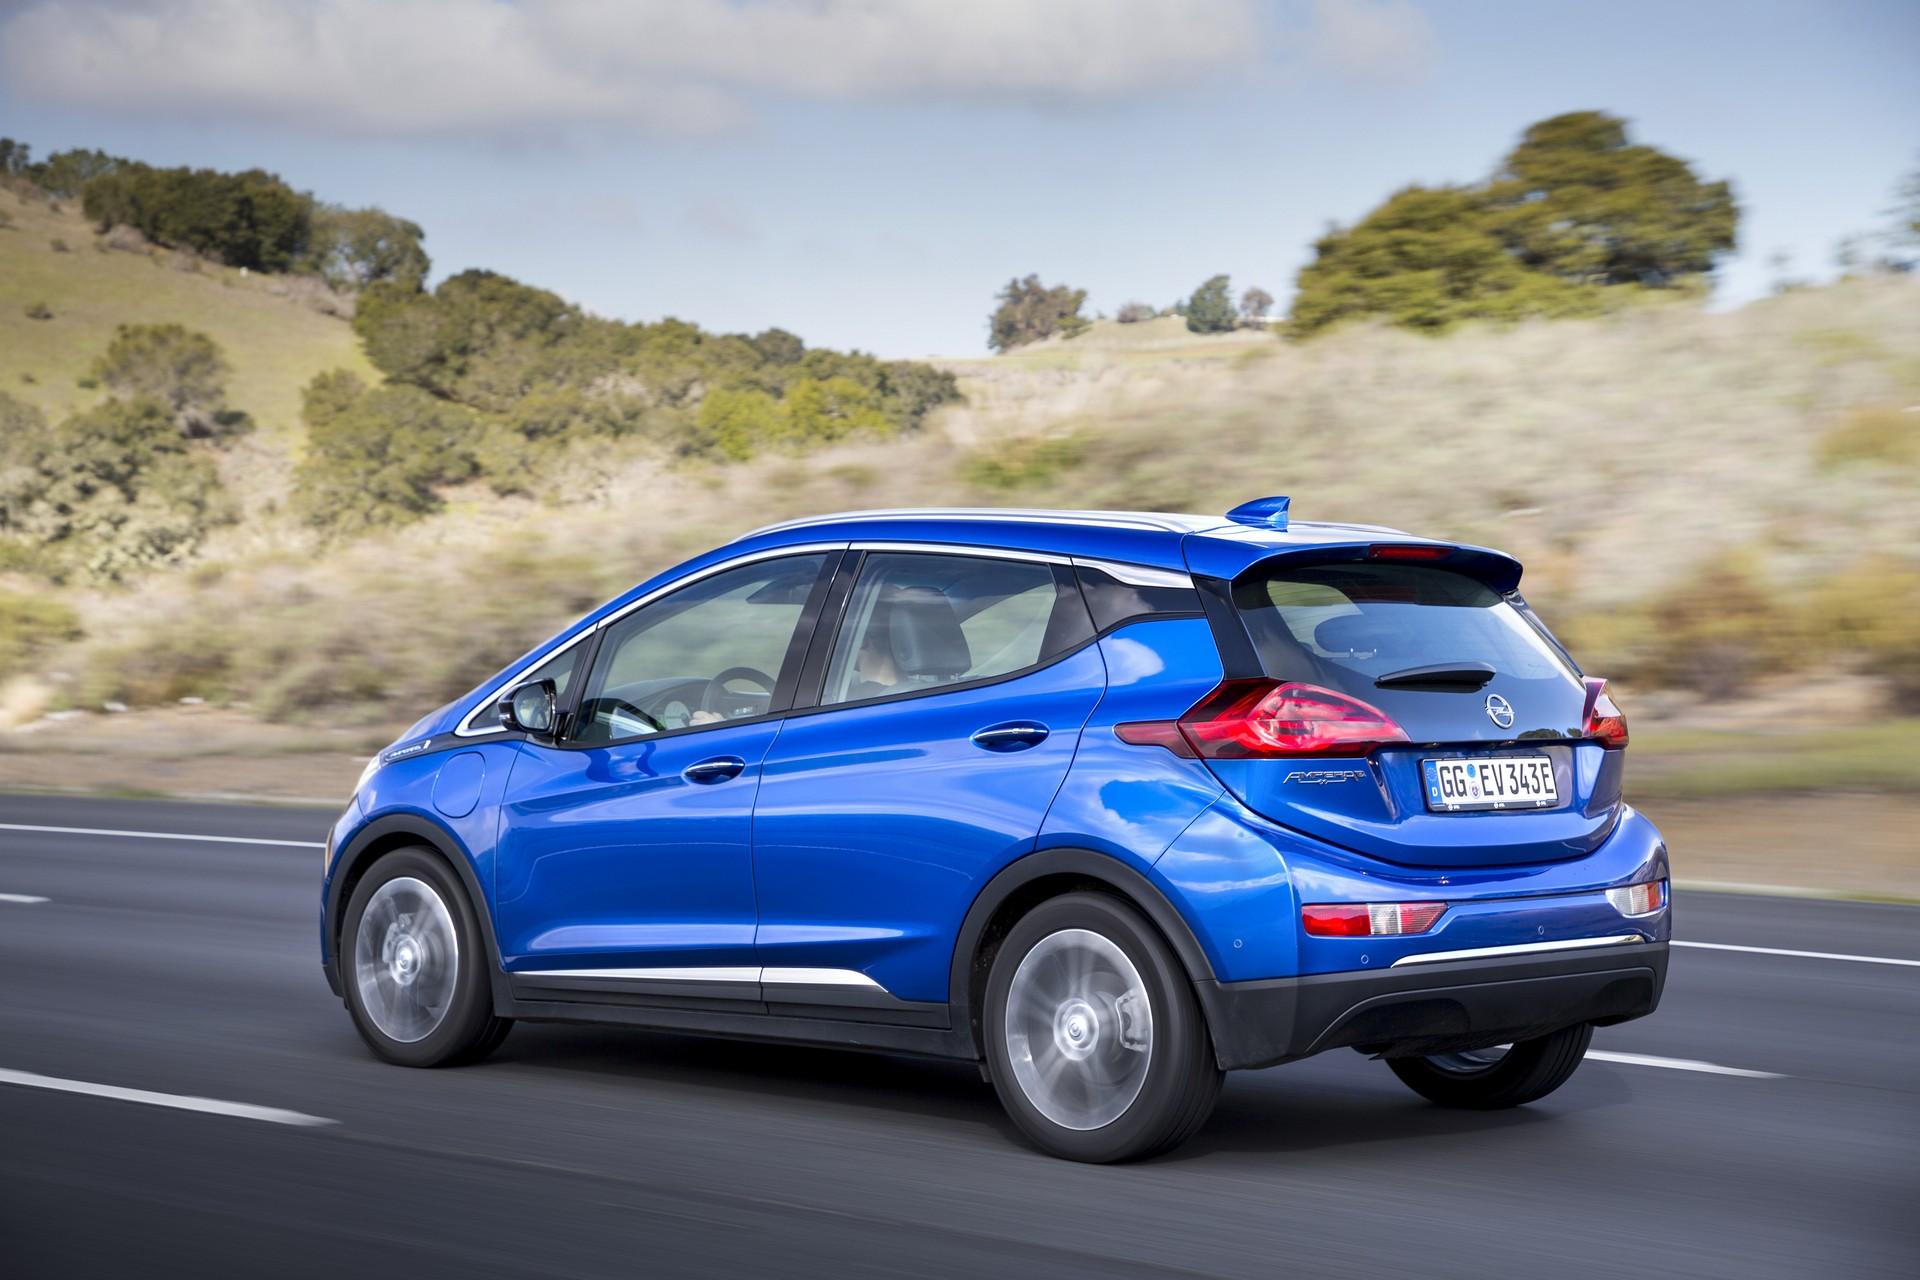 Schemi Elettrici Opel : Opel ampera e. la prova il prezzo e tutti i dettagli